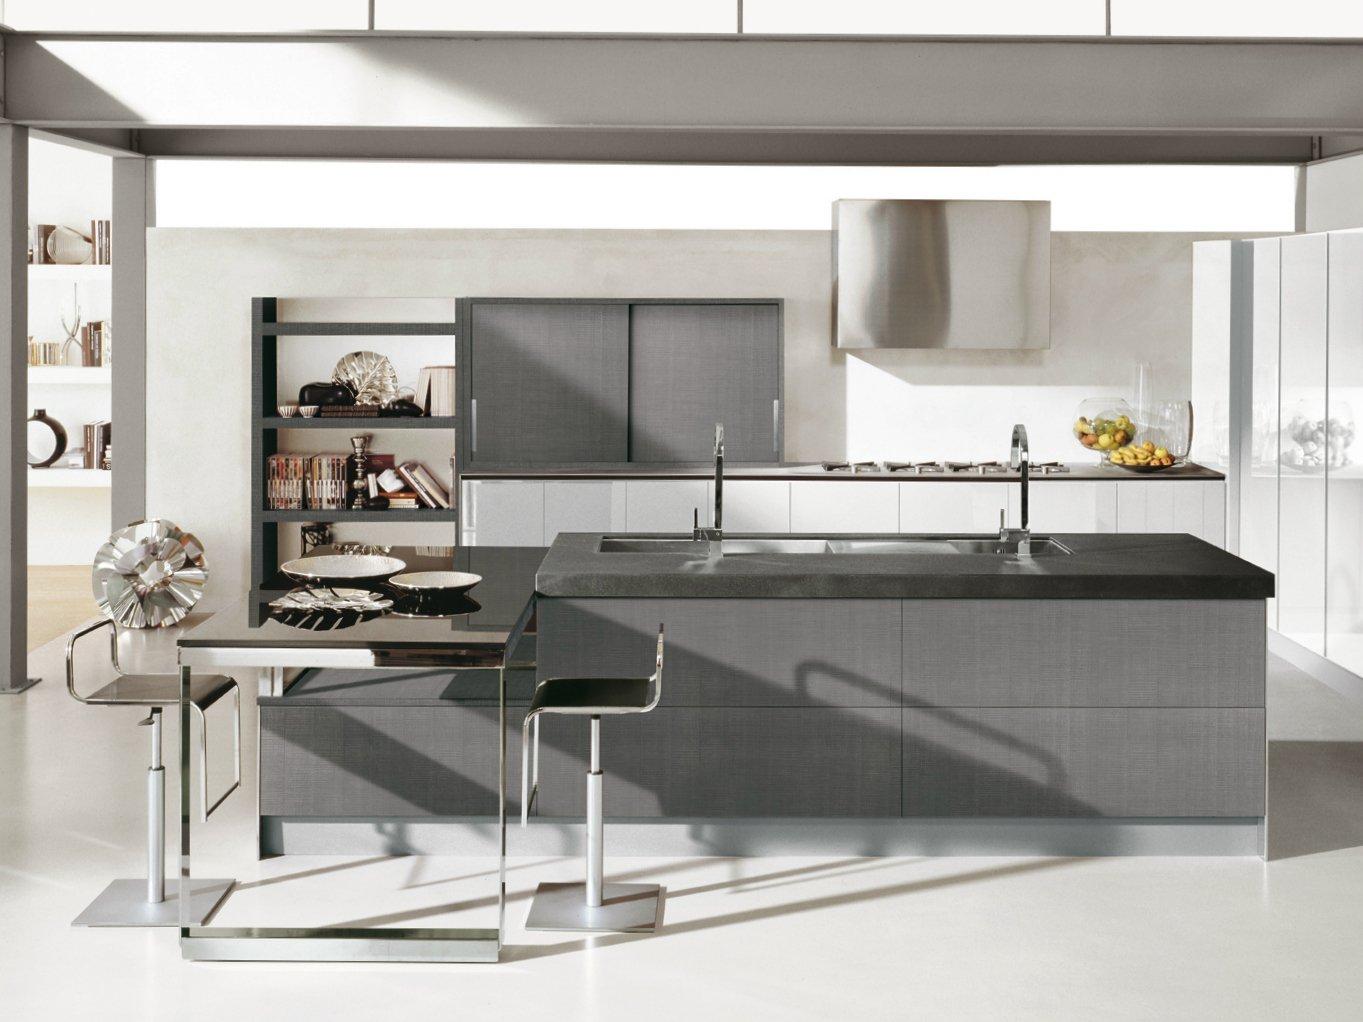 Cucine con isola prezzi e marche da ikea a scavolini for Cucine moderne con penisola